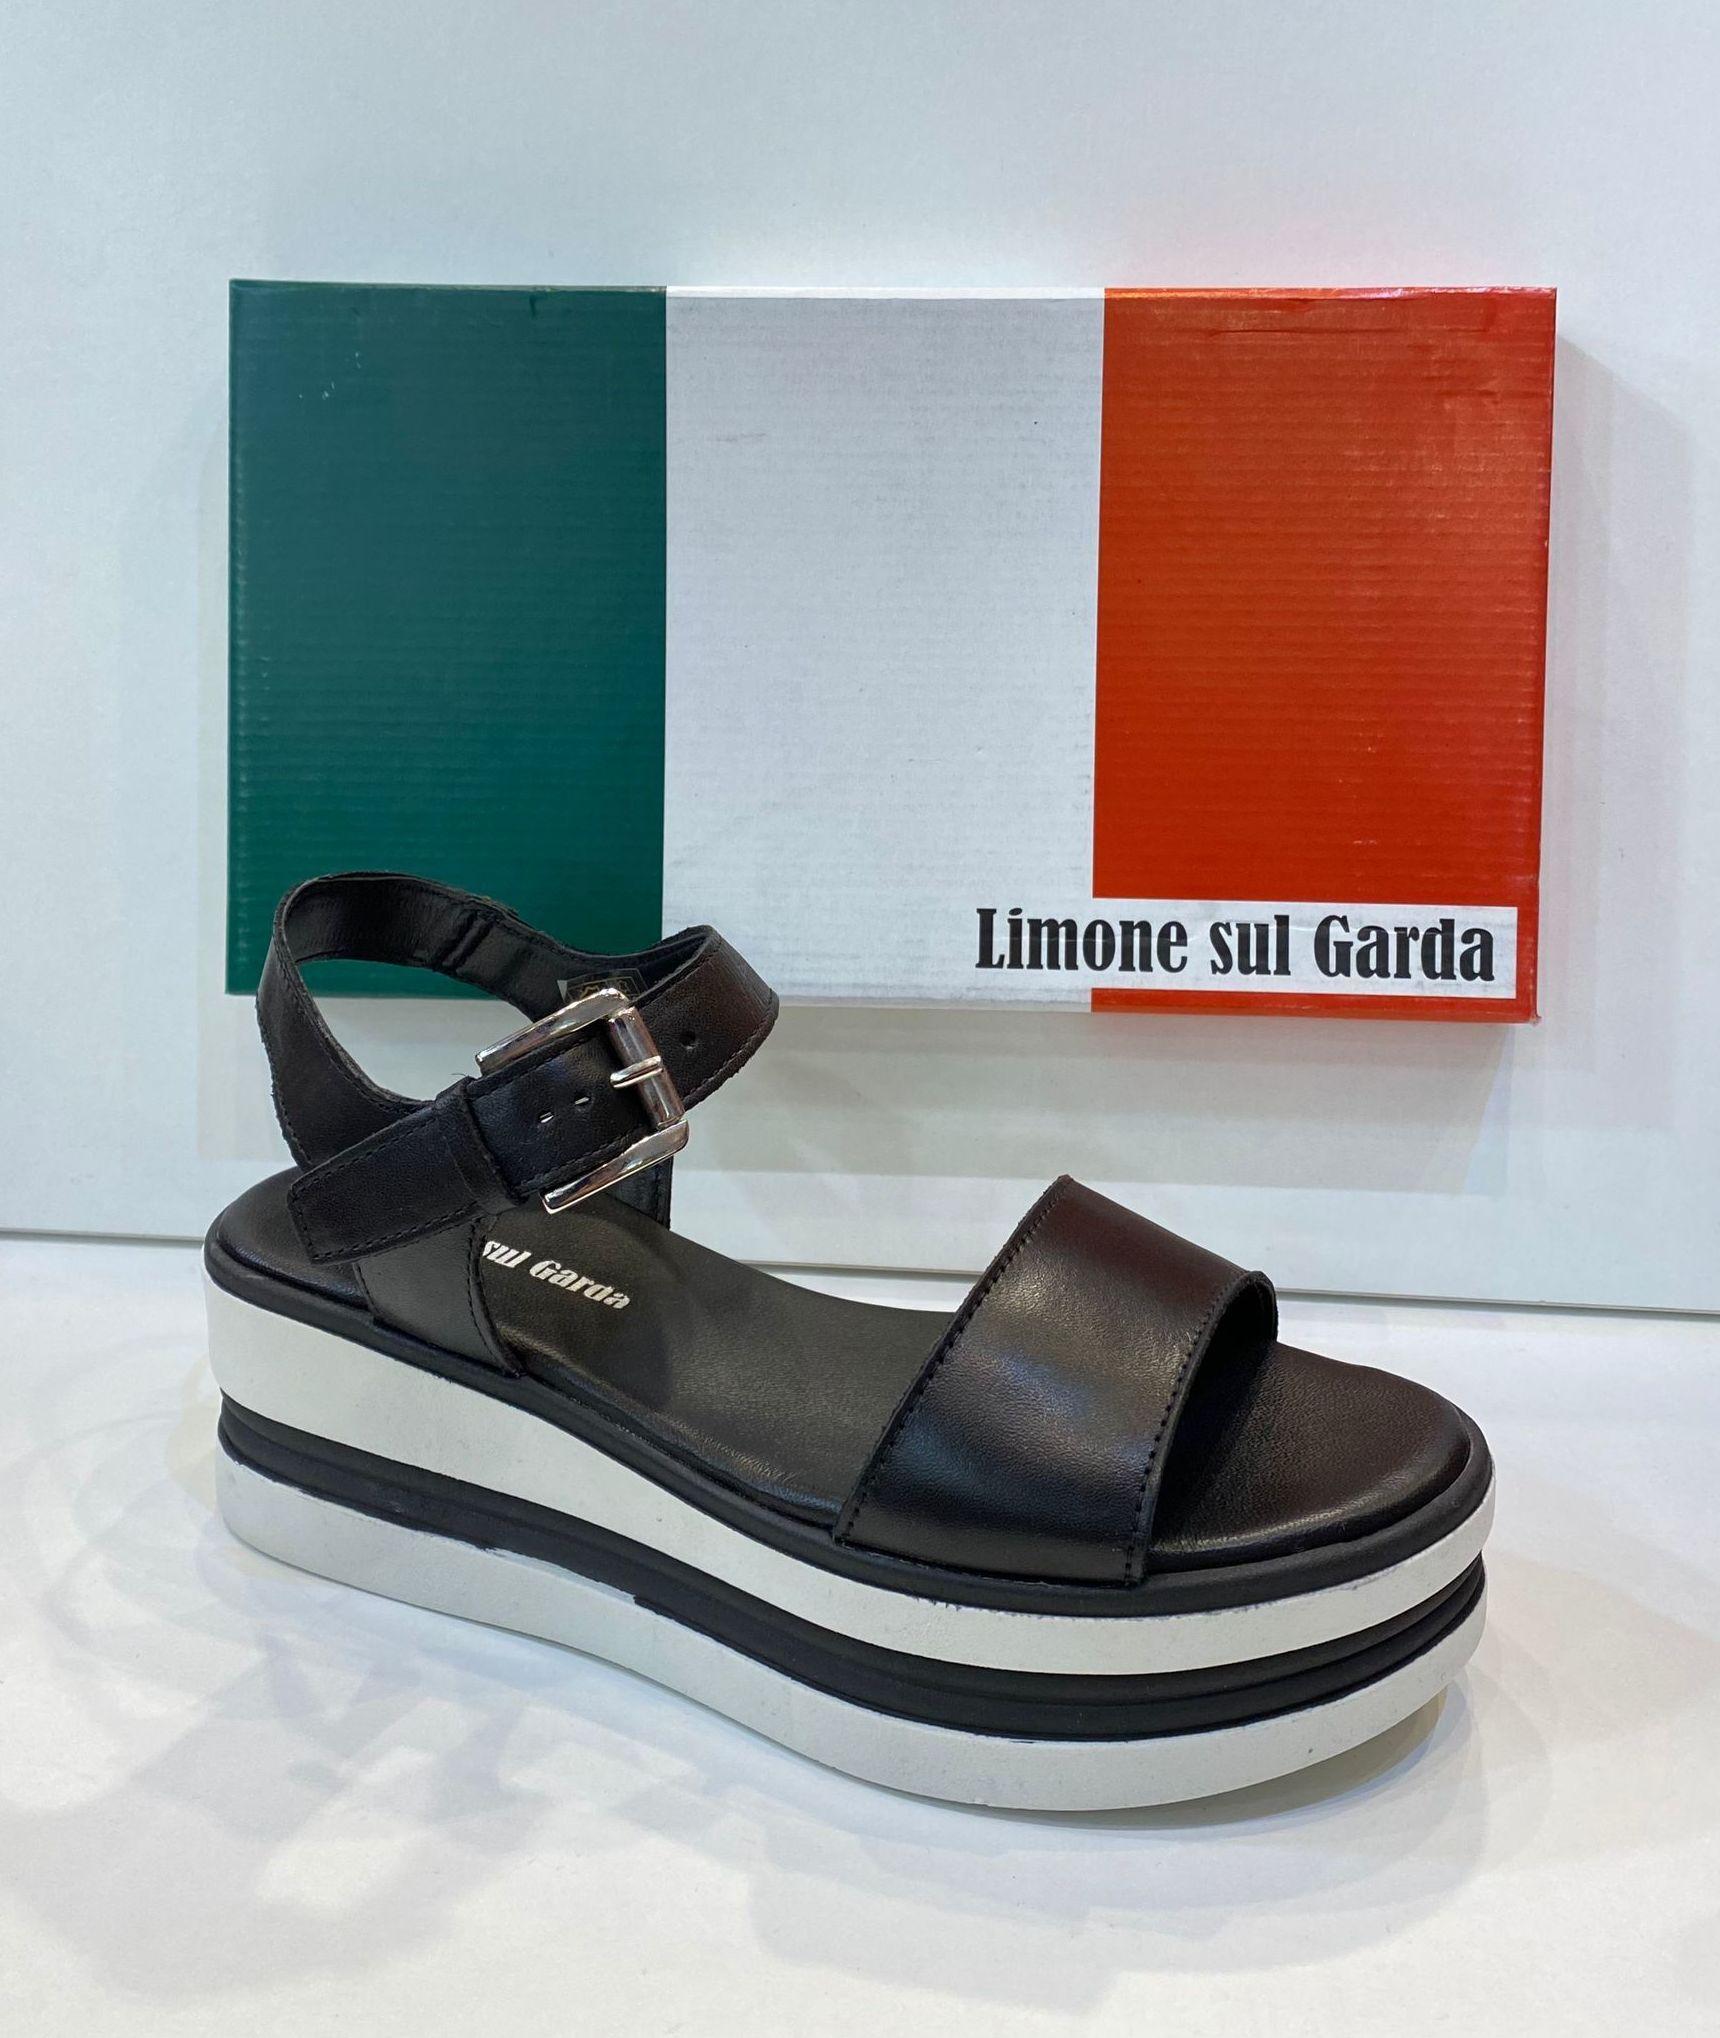 Sandàlia de dona, de la marca Limome Sul Garda, ample especial, plantilla de làtex i sola de politilè antilliscant 49.90€